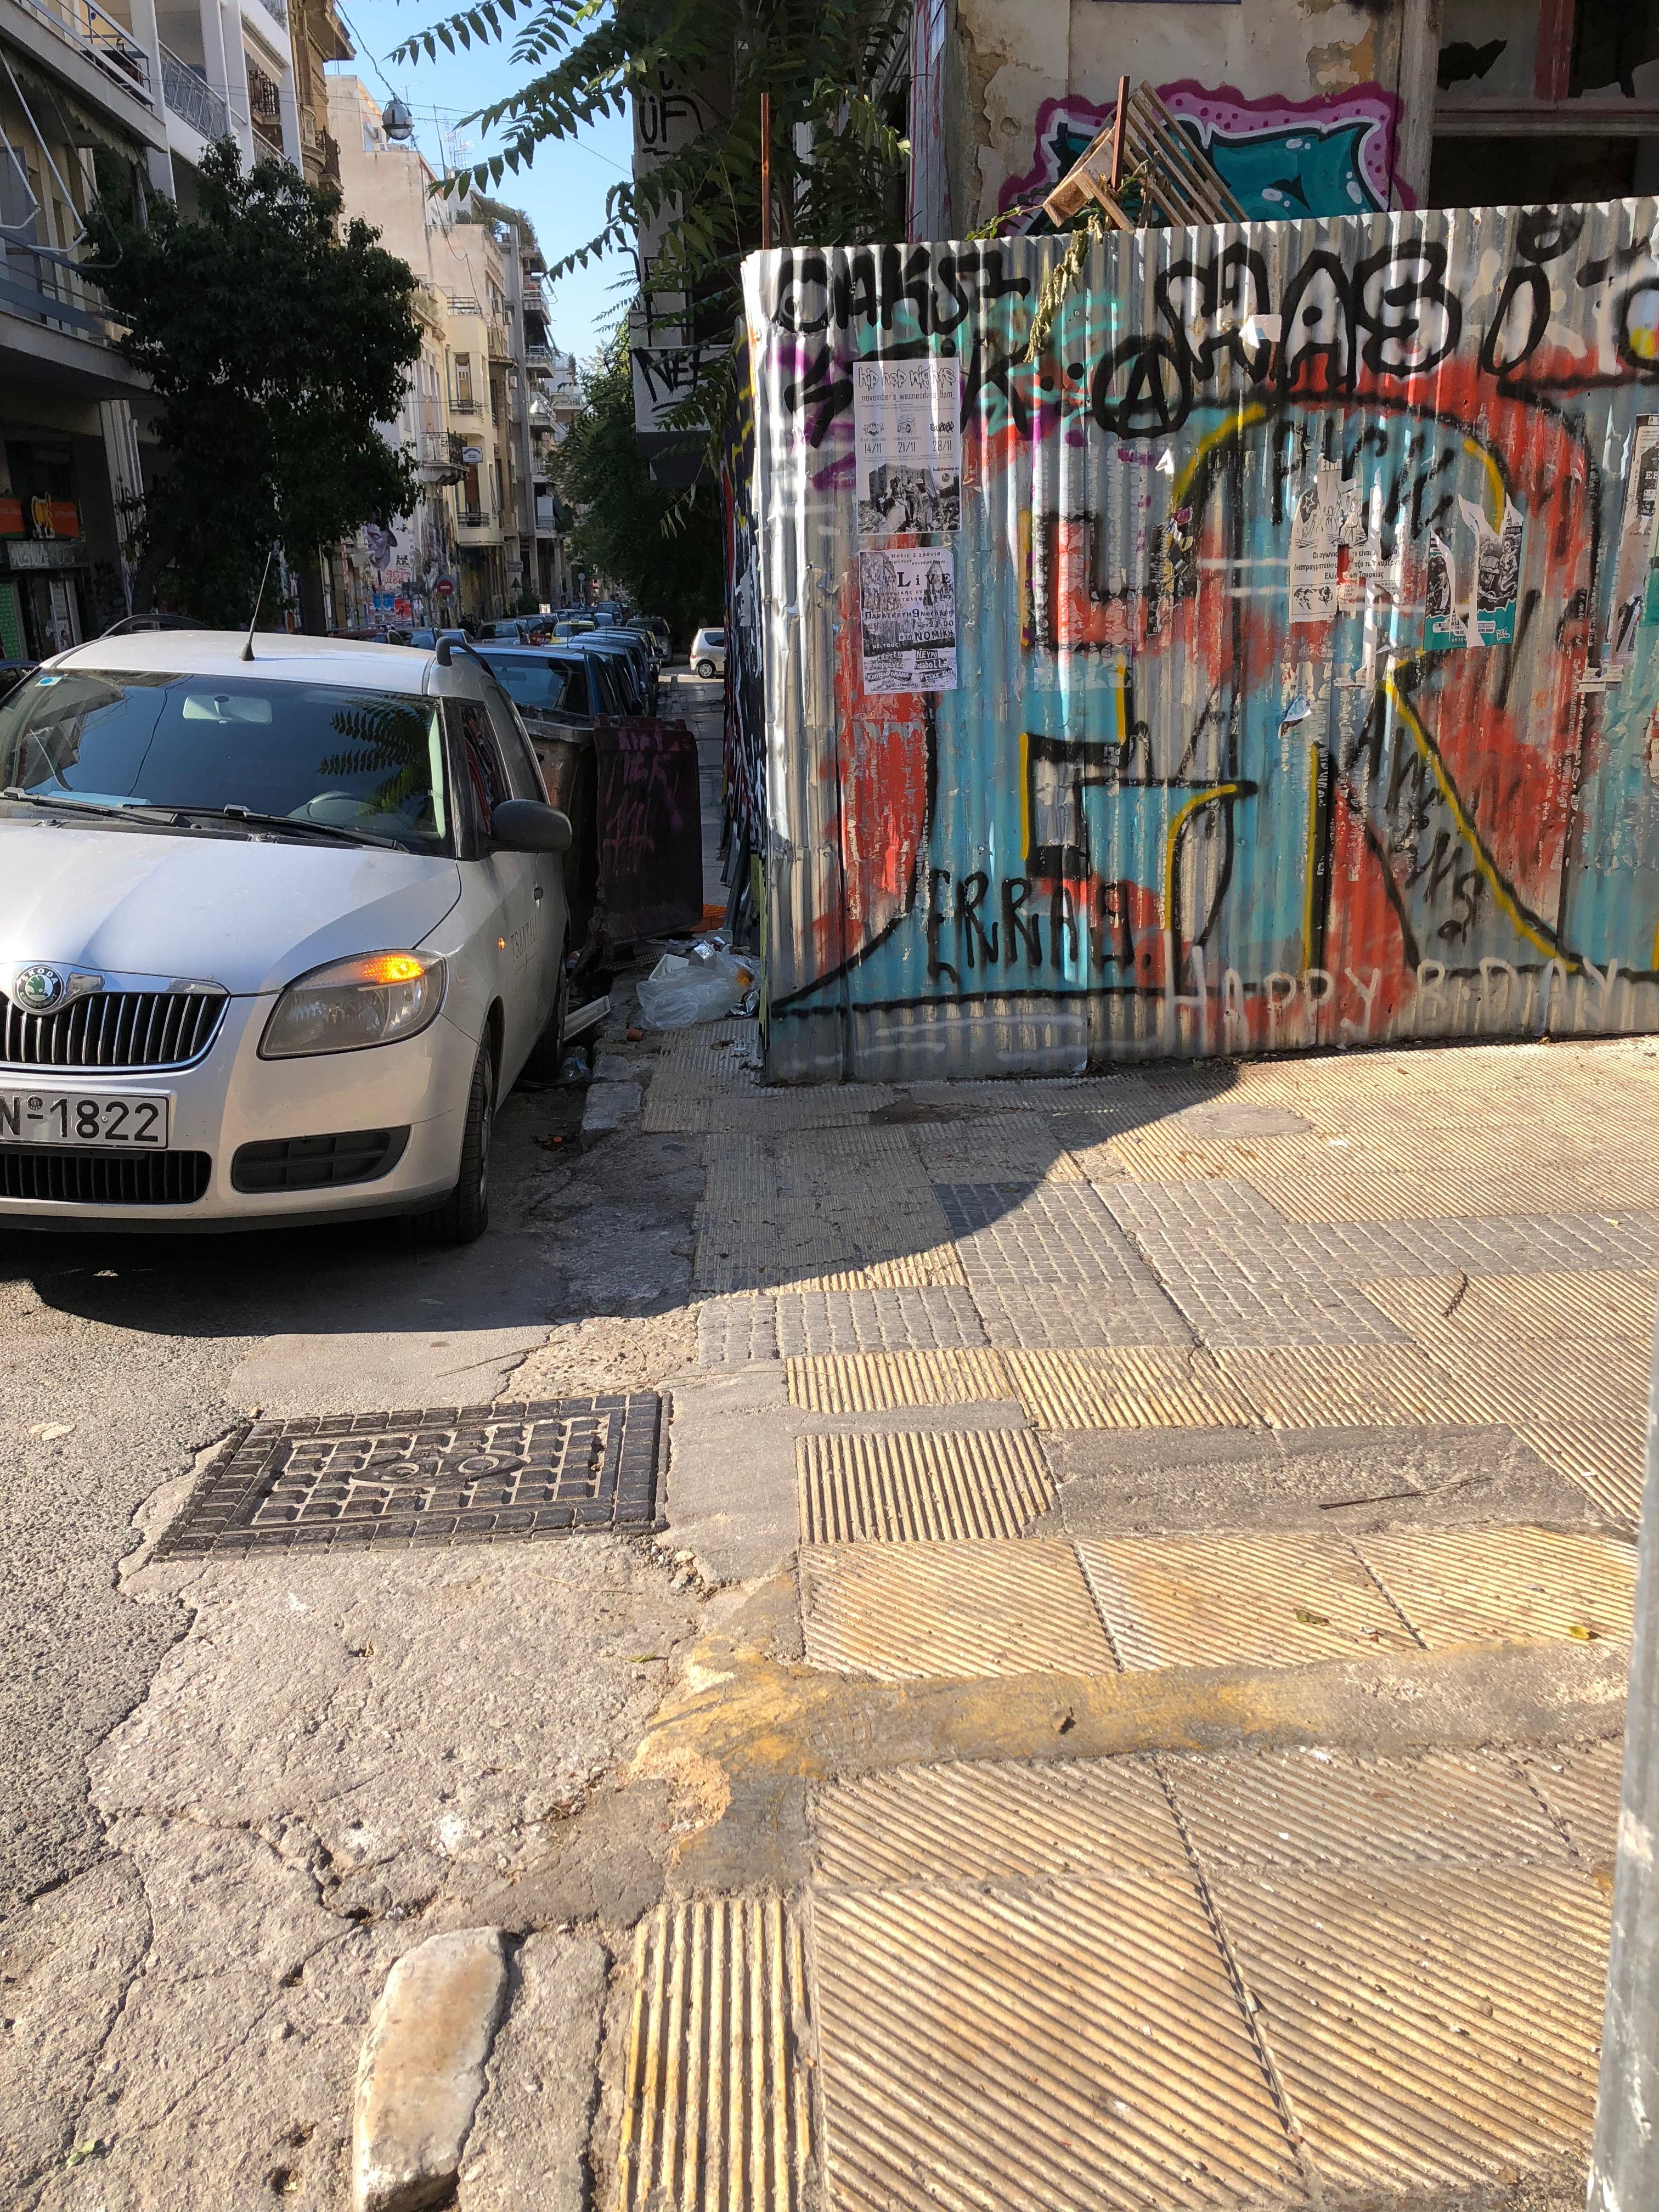 Exarchia sidewalk